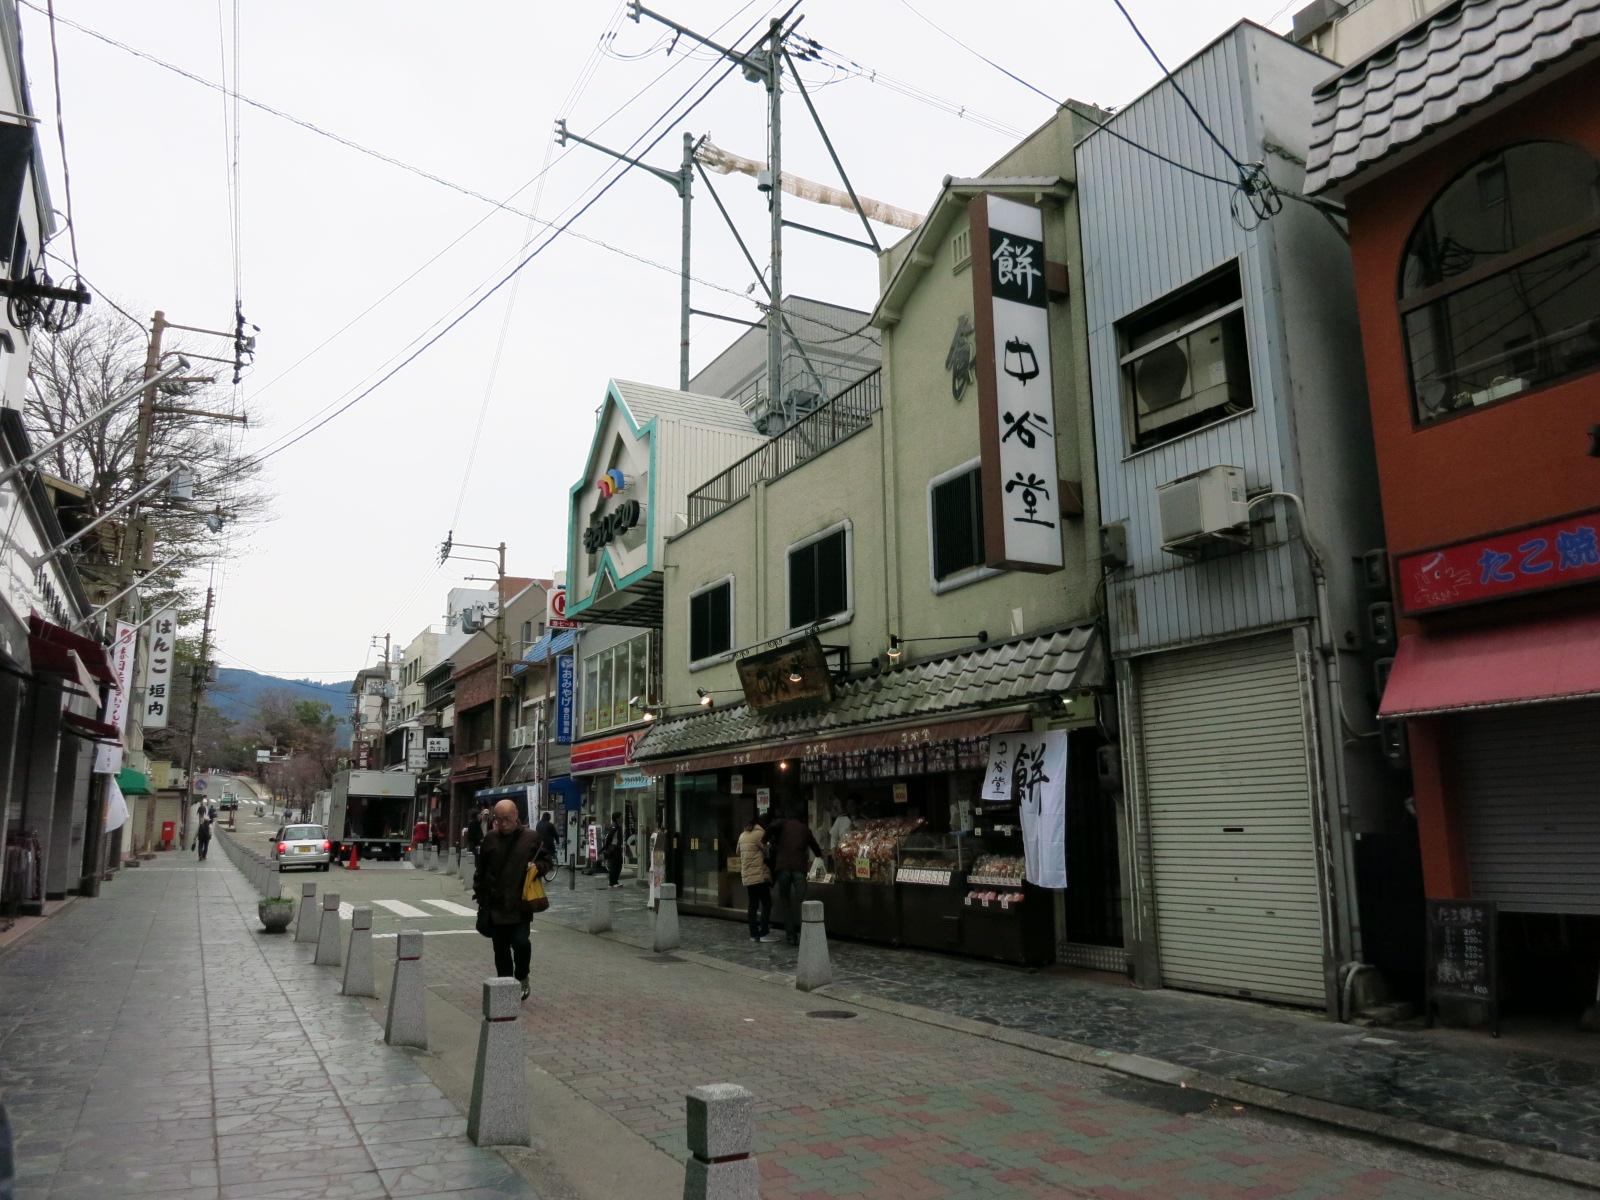 突き当りの三条通を左に曲がり、 よもぎ餅で有名な中谷堂さんを通り過ぎたすぐの道を右折します。